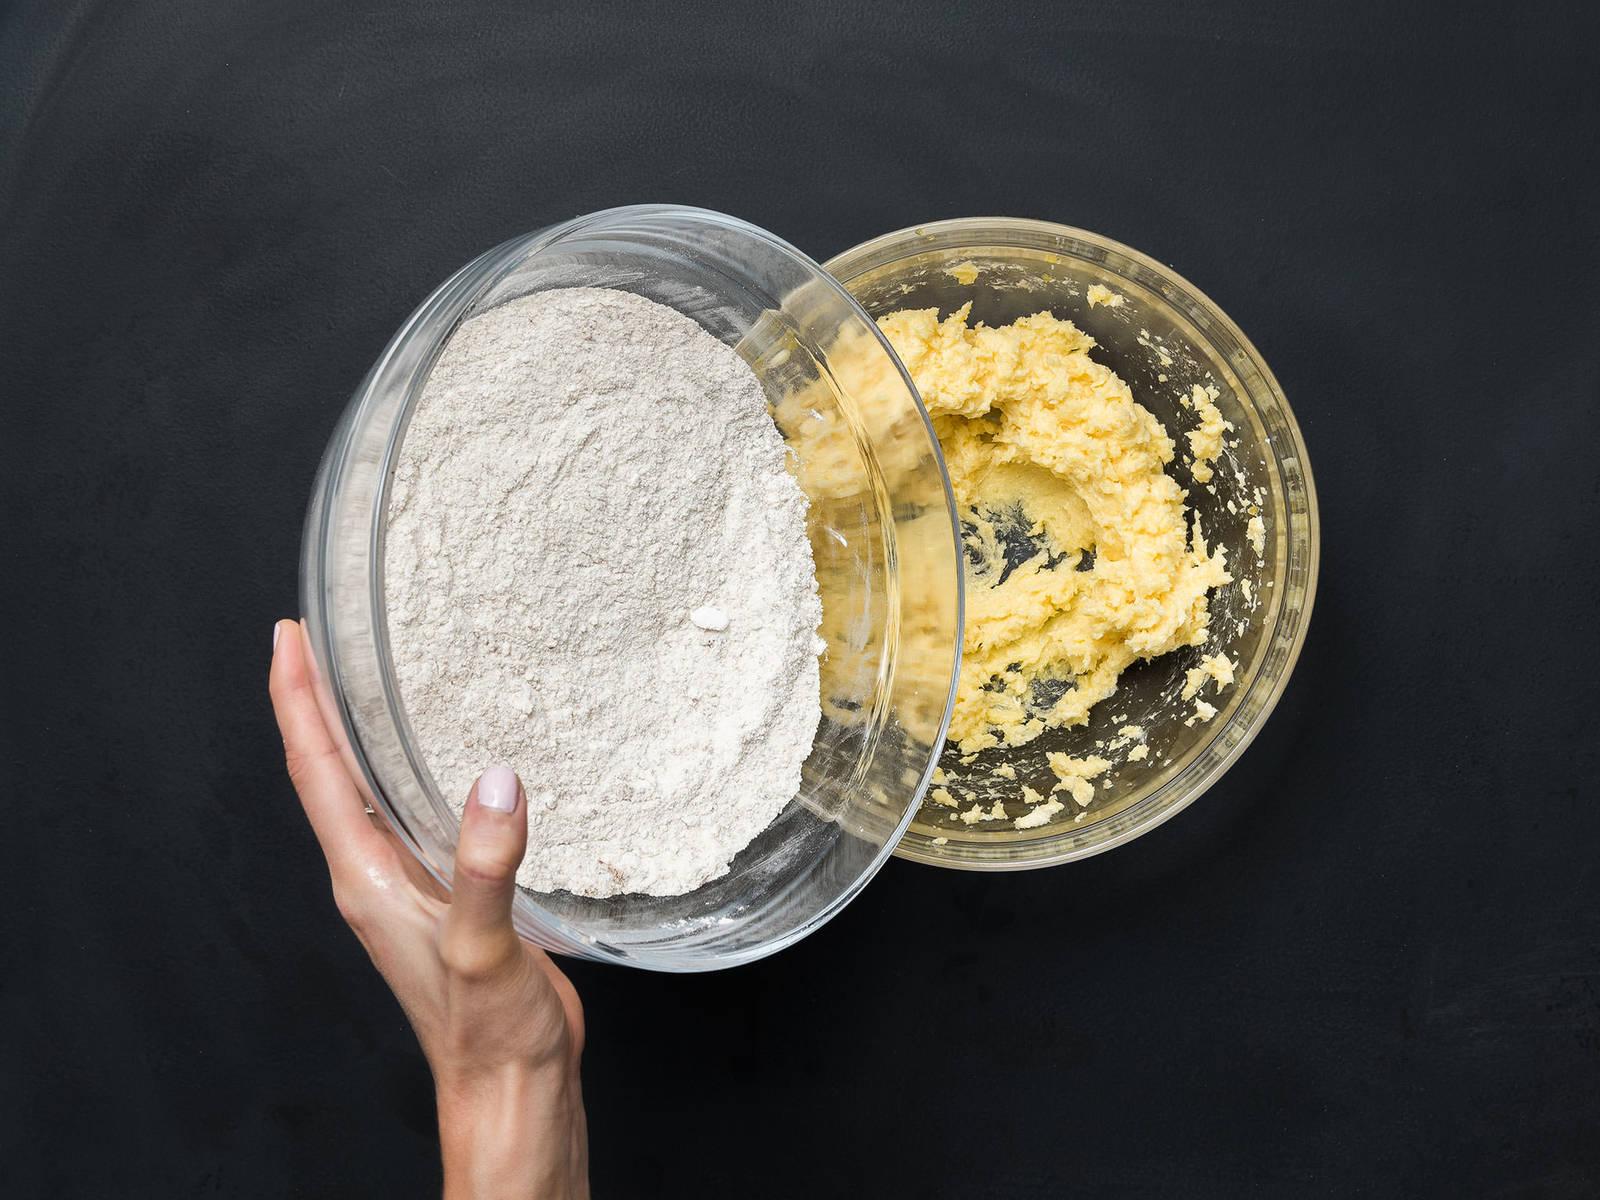 将烤箱预热至180℃。在大搅拌碗中搅打混合黄油、糖、香草糖、盐、蛋黄和香草精。在另一个大碗中,混合面粉、淀粉和杏仁粉,分次倒入黄油鸡蛋混合物,直至揉成一个柔滑面团。